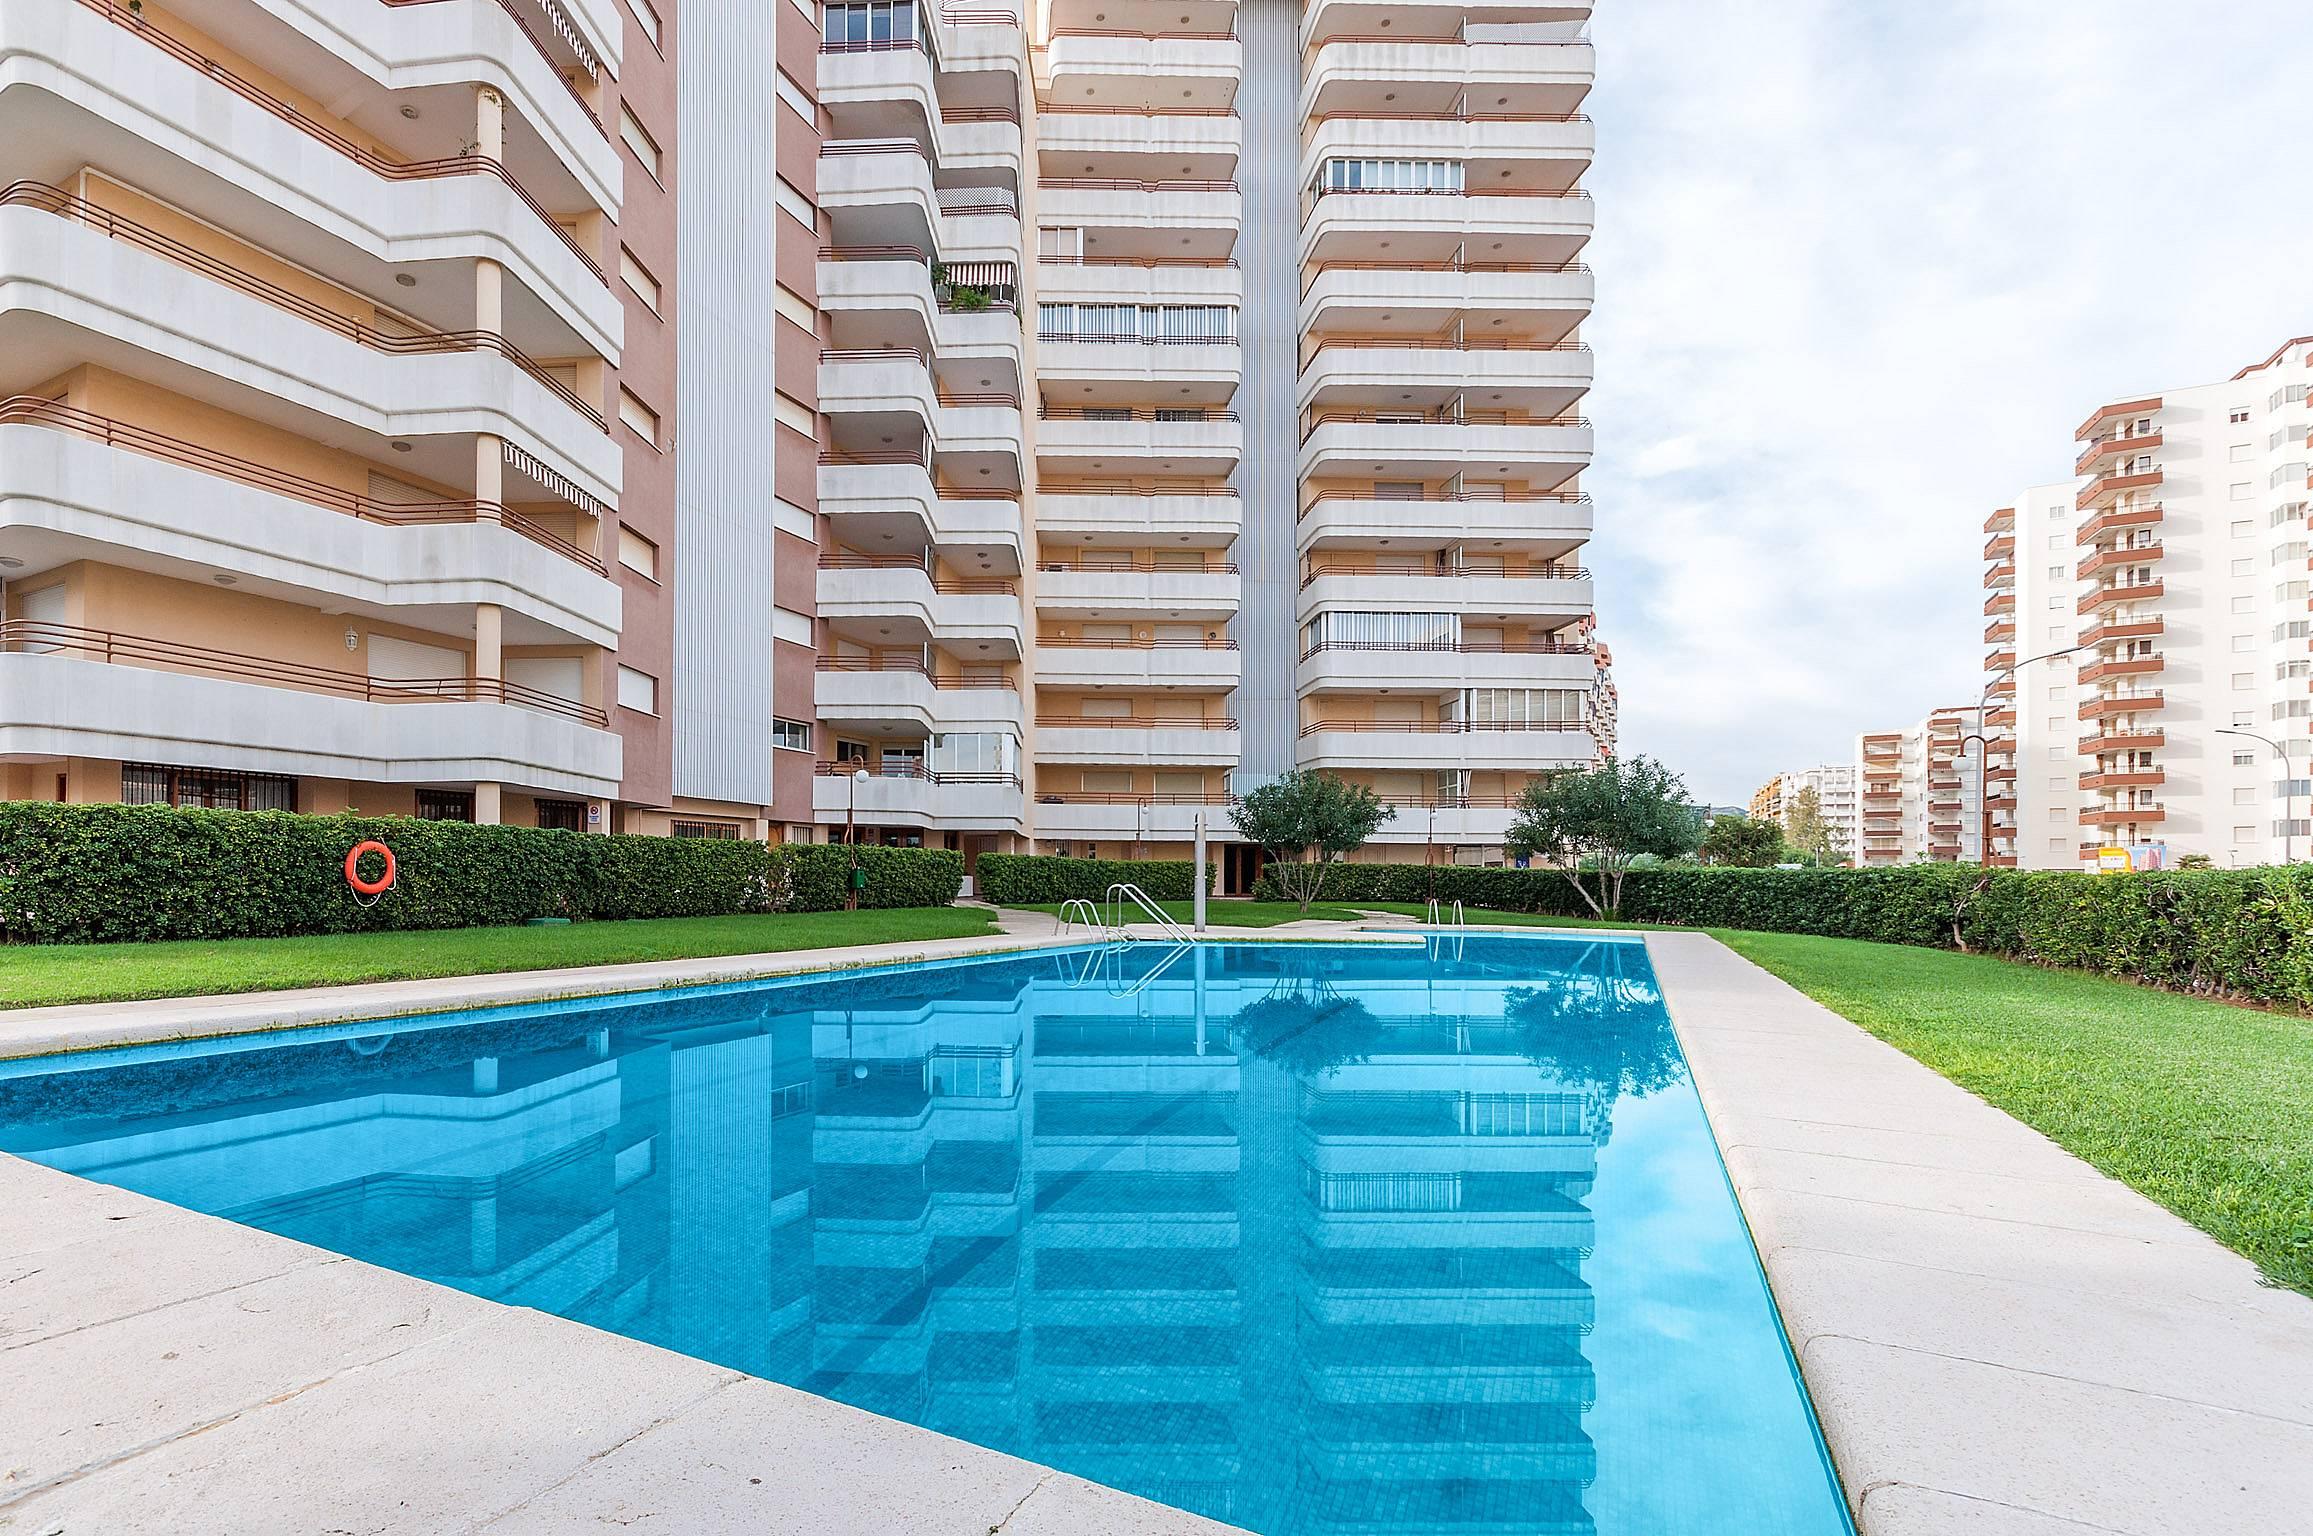 Acuarela apartamento para 4 personas en playa de gandia - Apartamentos en gandia baratos verano ...